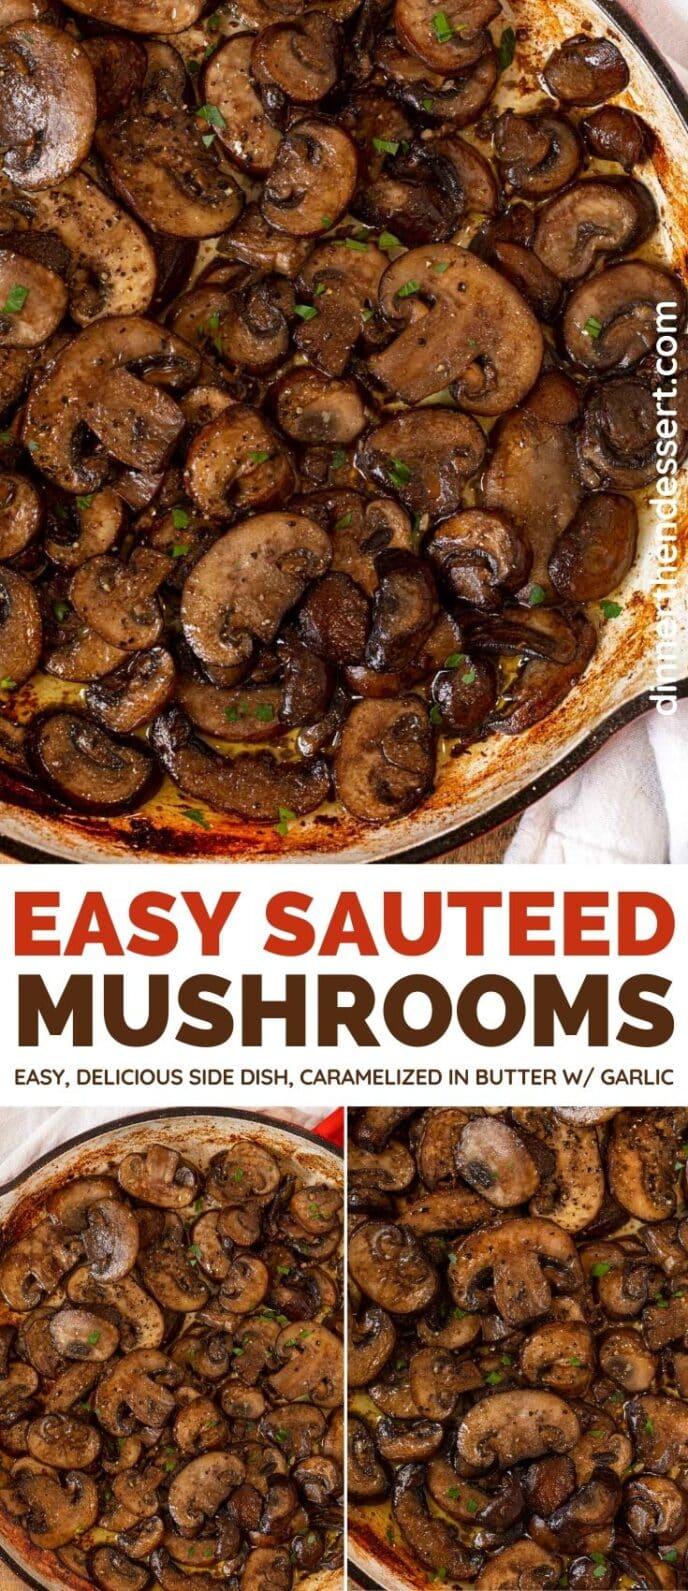 Sauteed Mushrooms collage